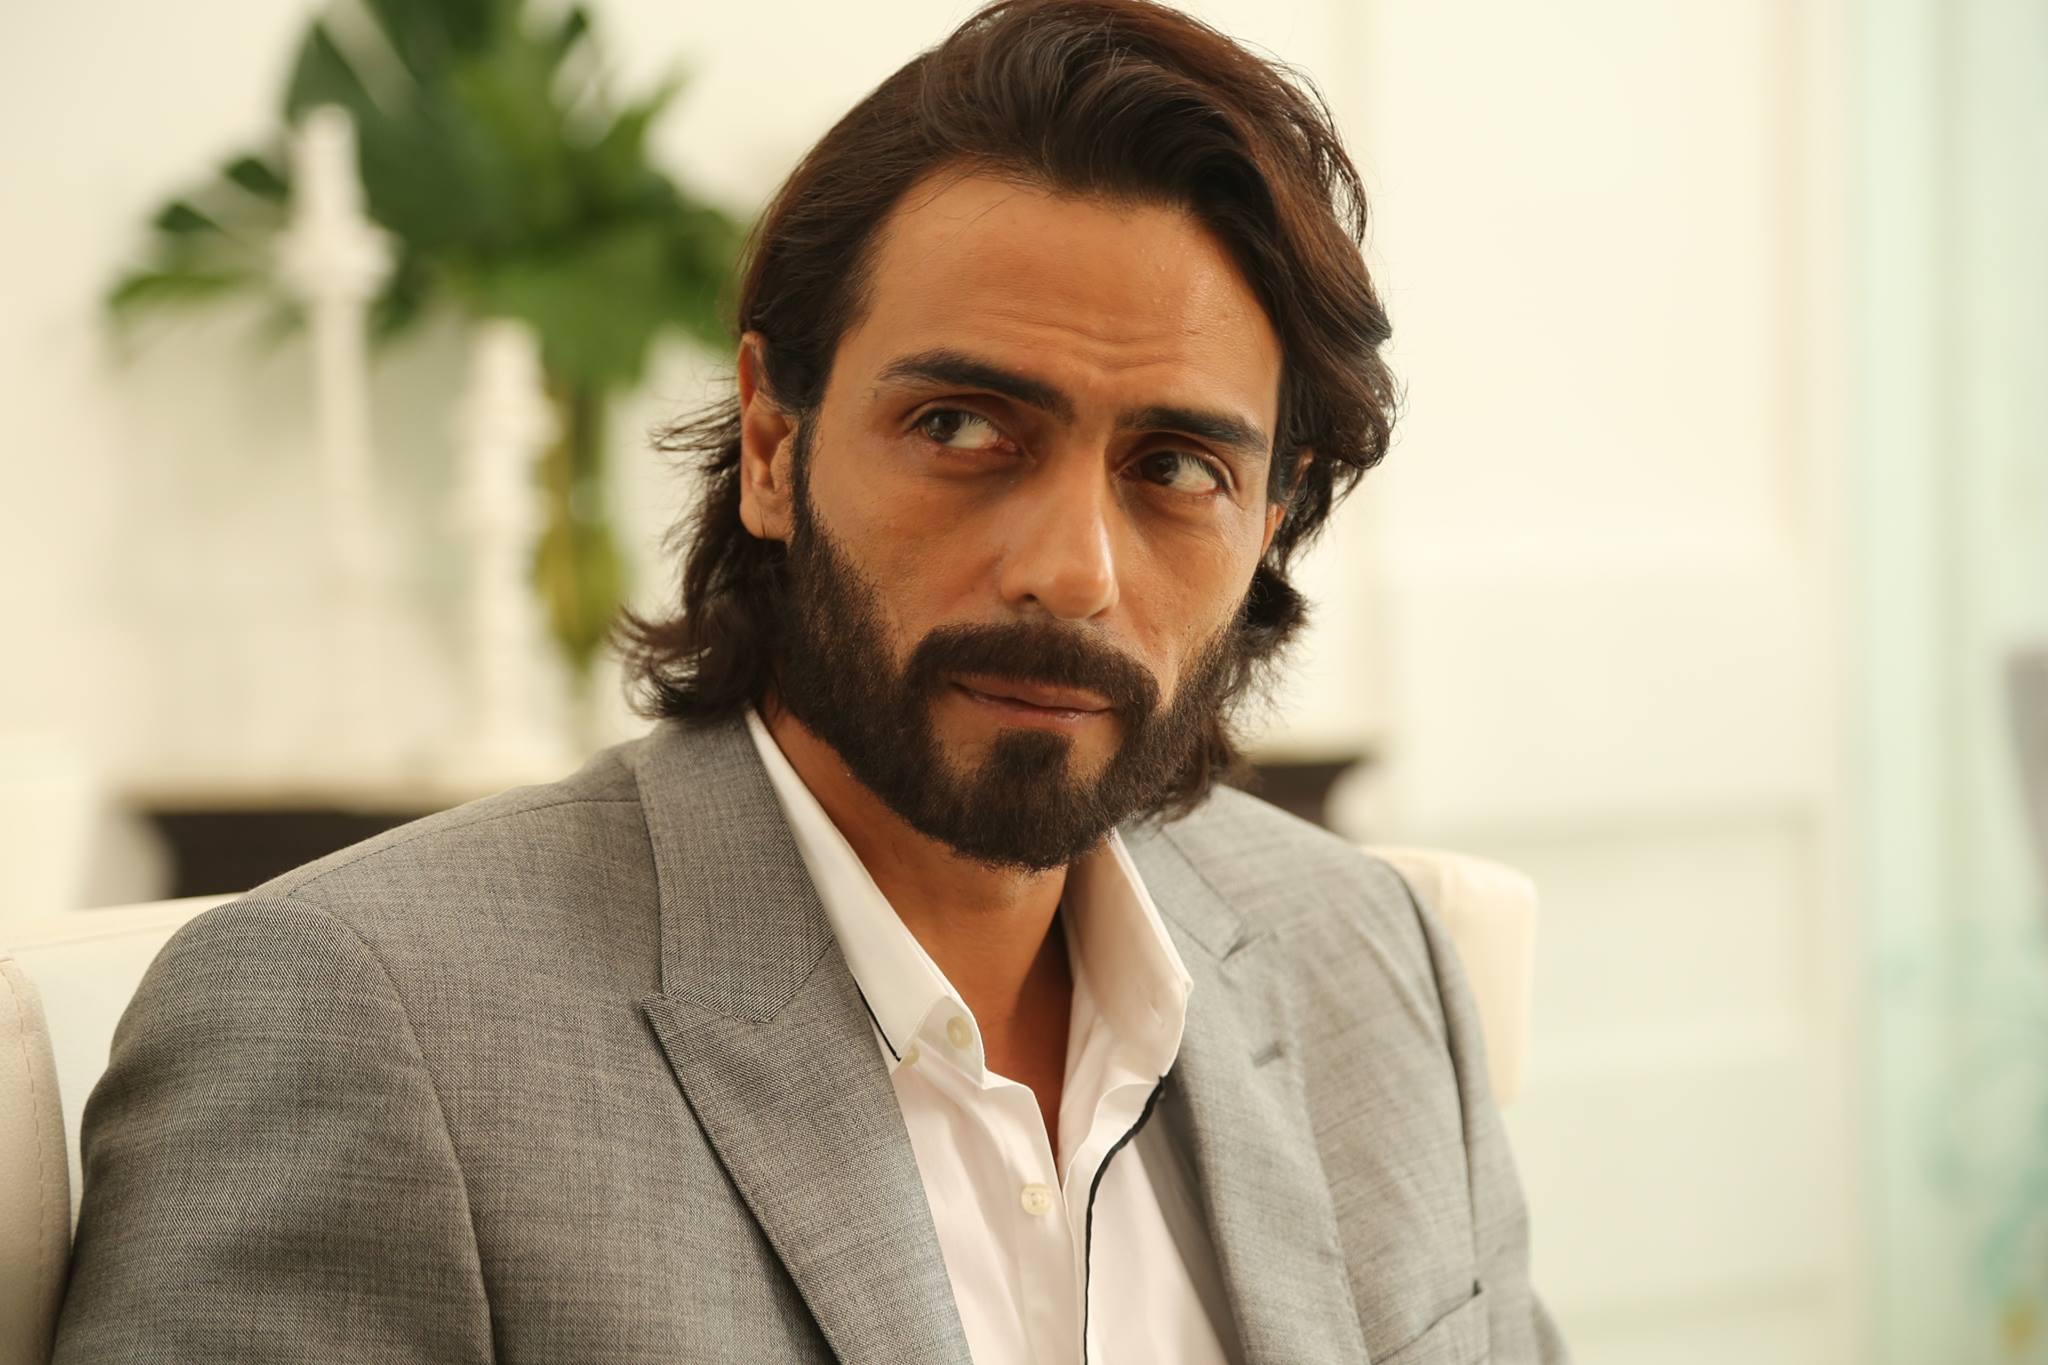 bollywood, actor, beard